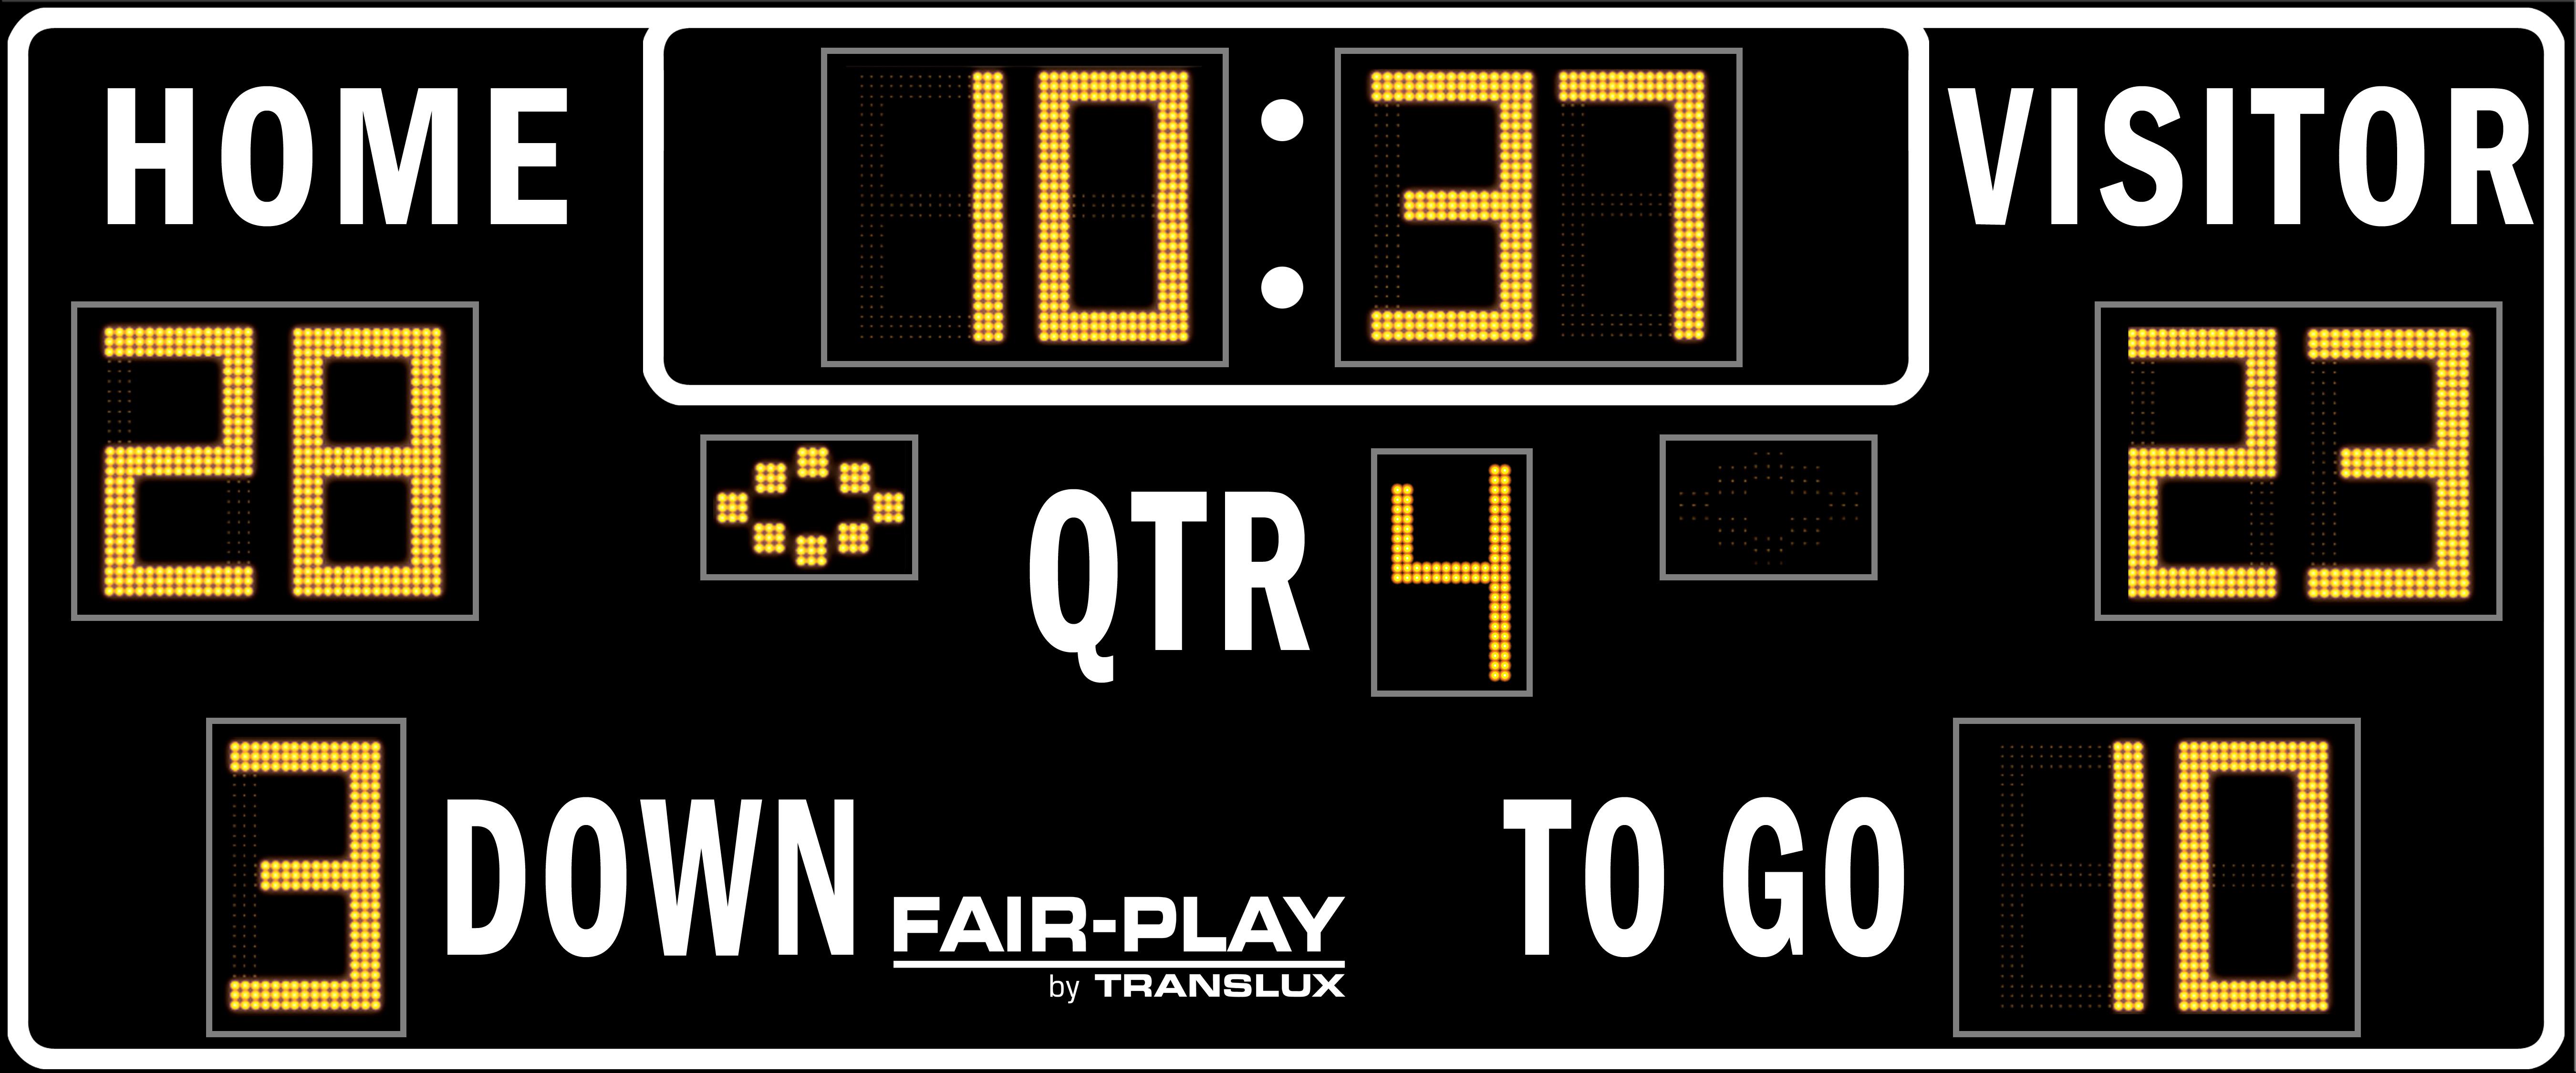 Fair Play Fb 8218 2 Football Scoreboard Olympian Led